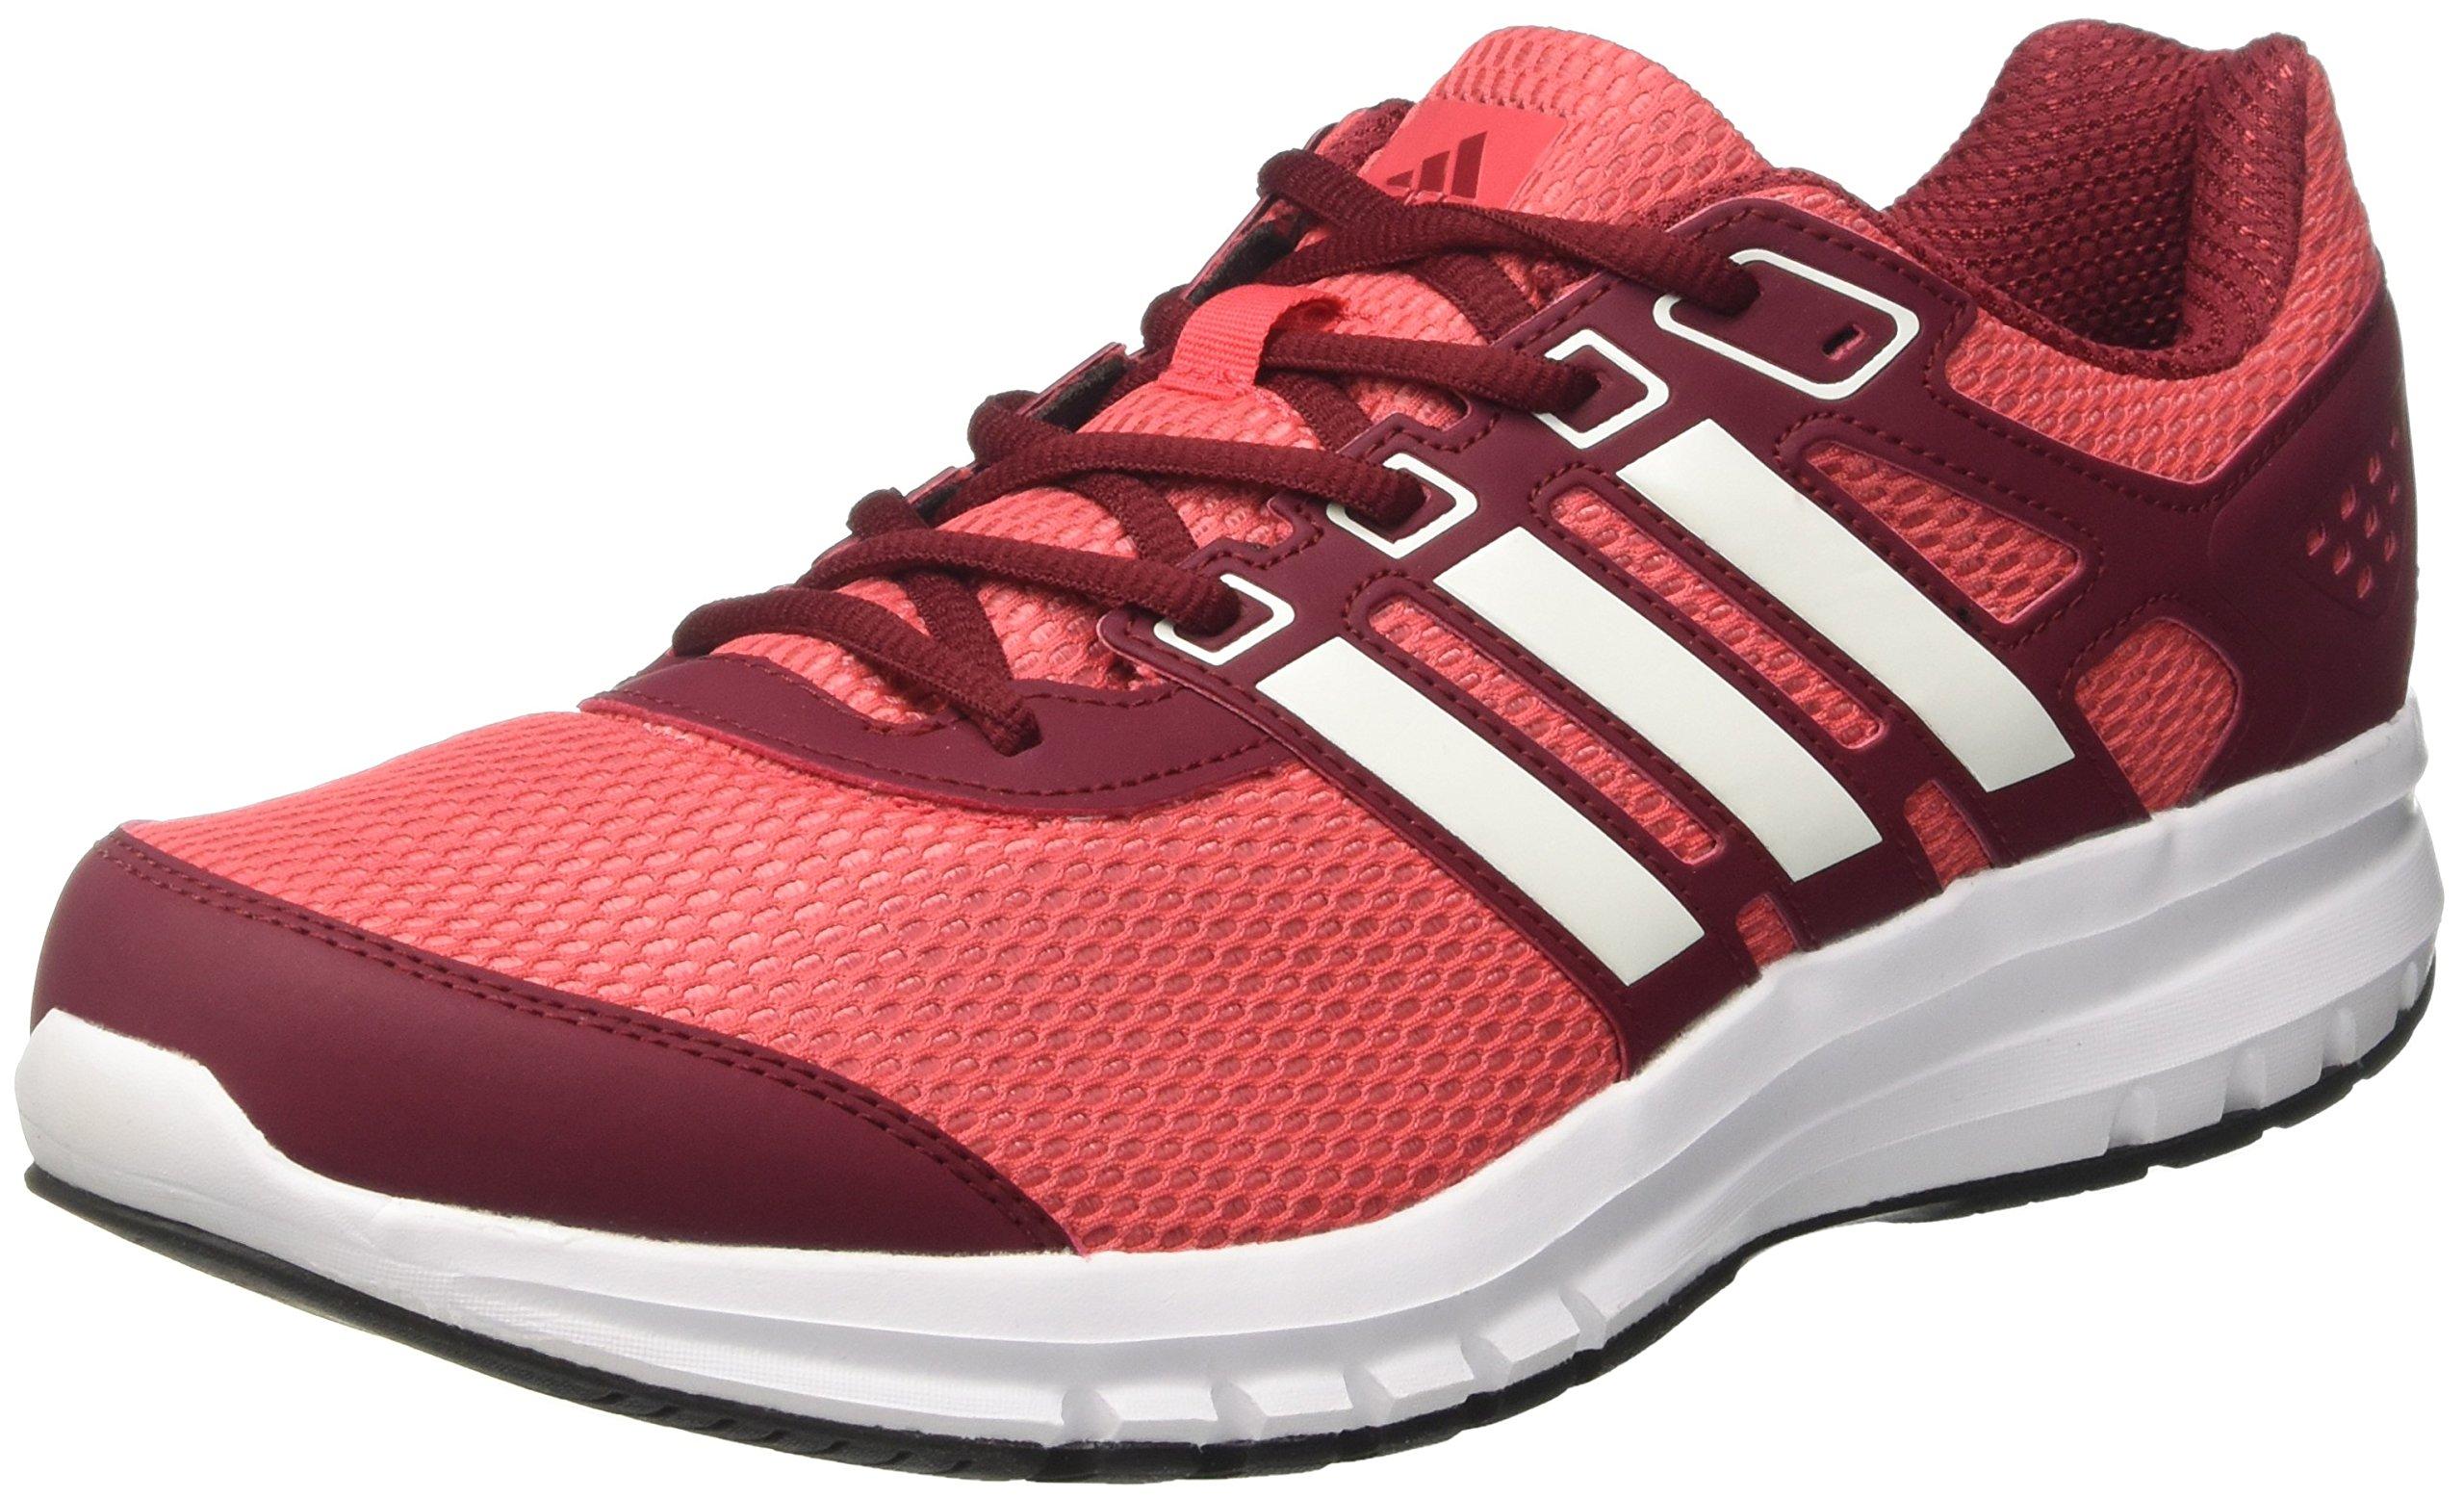 new product 7968d 345f1 adidas Damen Duramo Lite Laufschuhe, Pink (Corpnk ftwwht Cburgu), 36